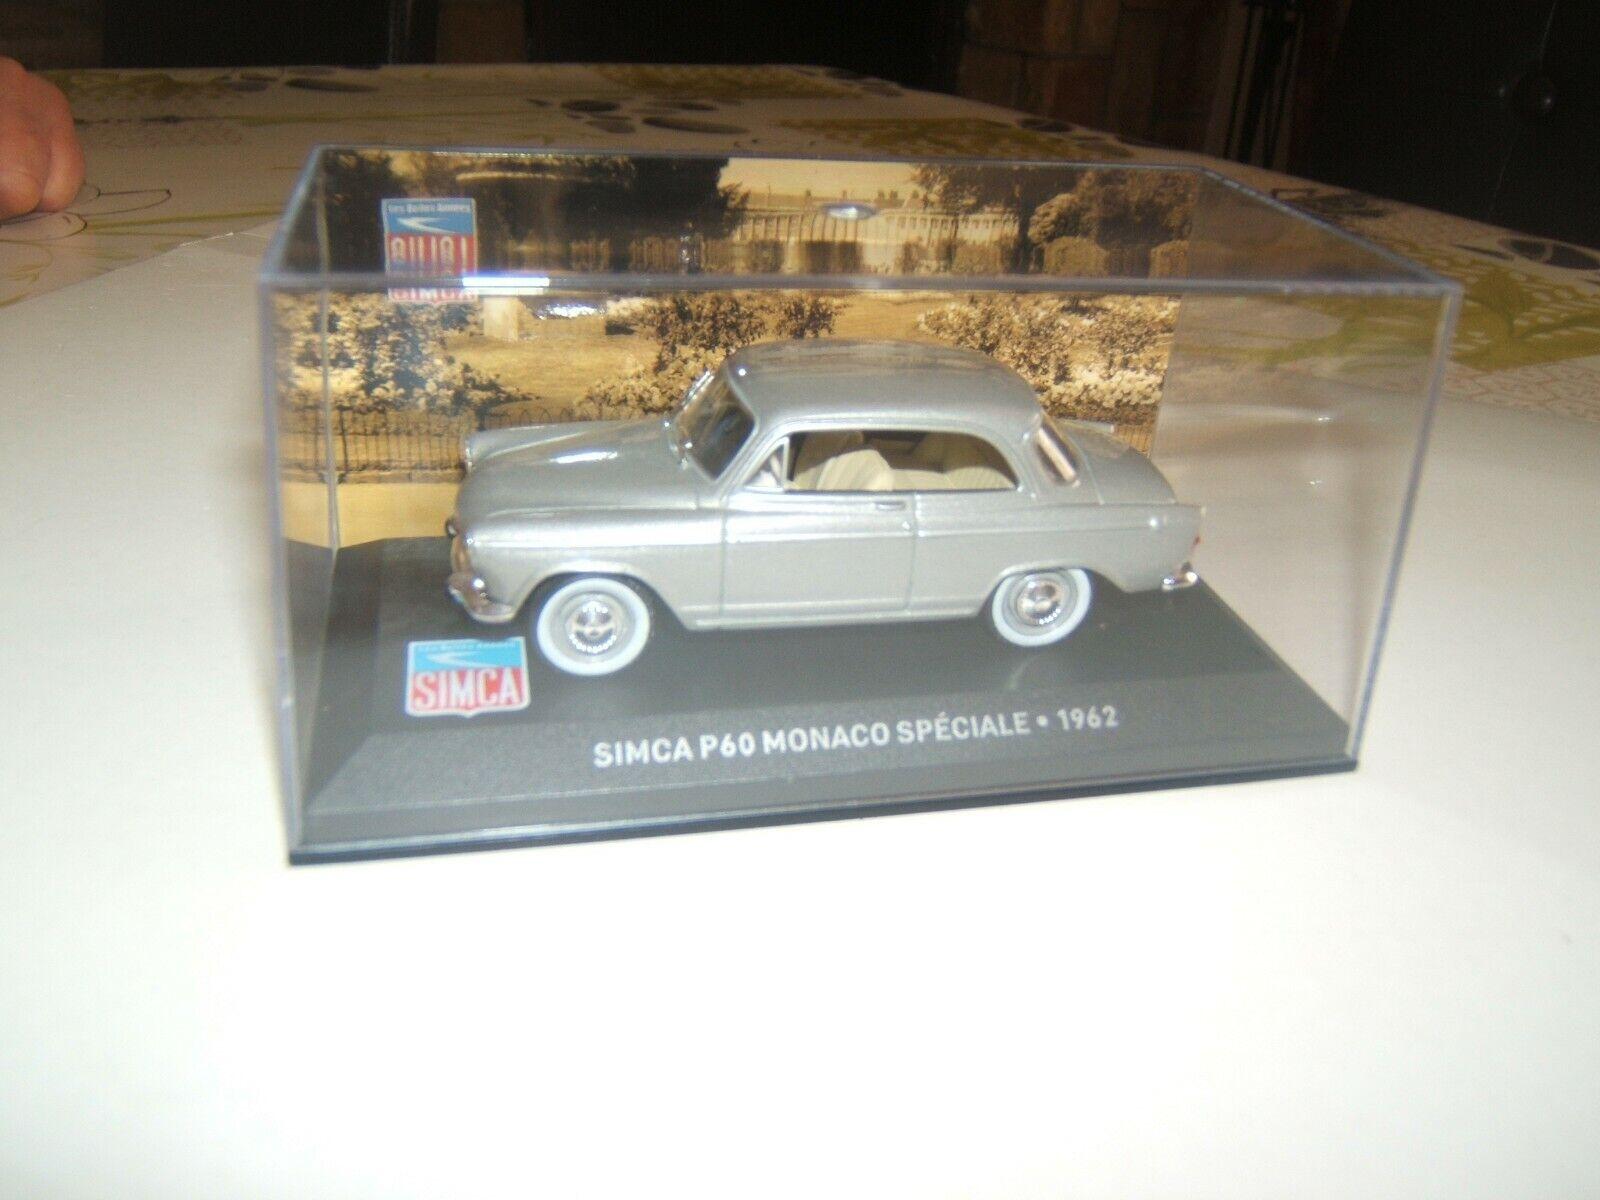 SIMCA  P60 MONACO SPECIALE   1962  1 43 EME